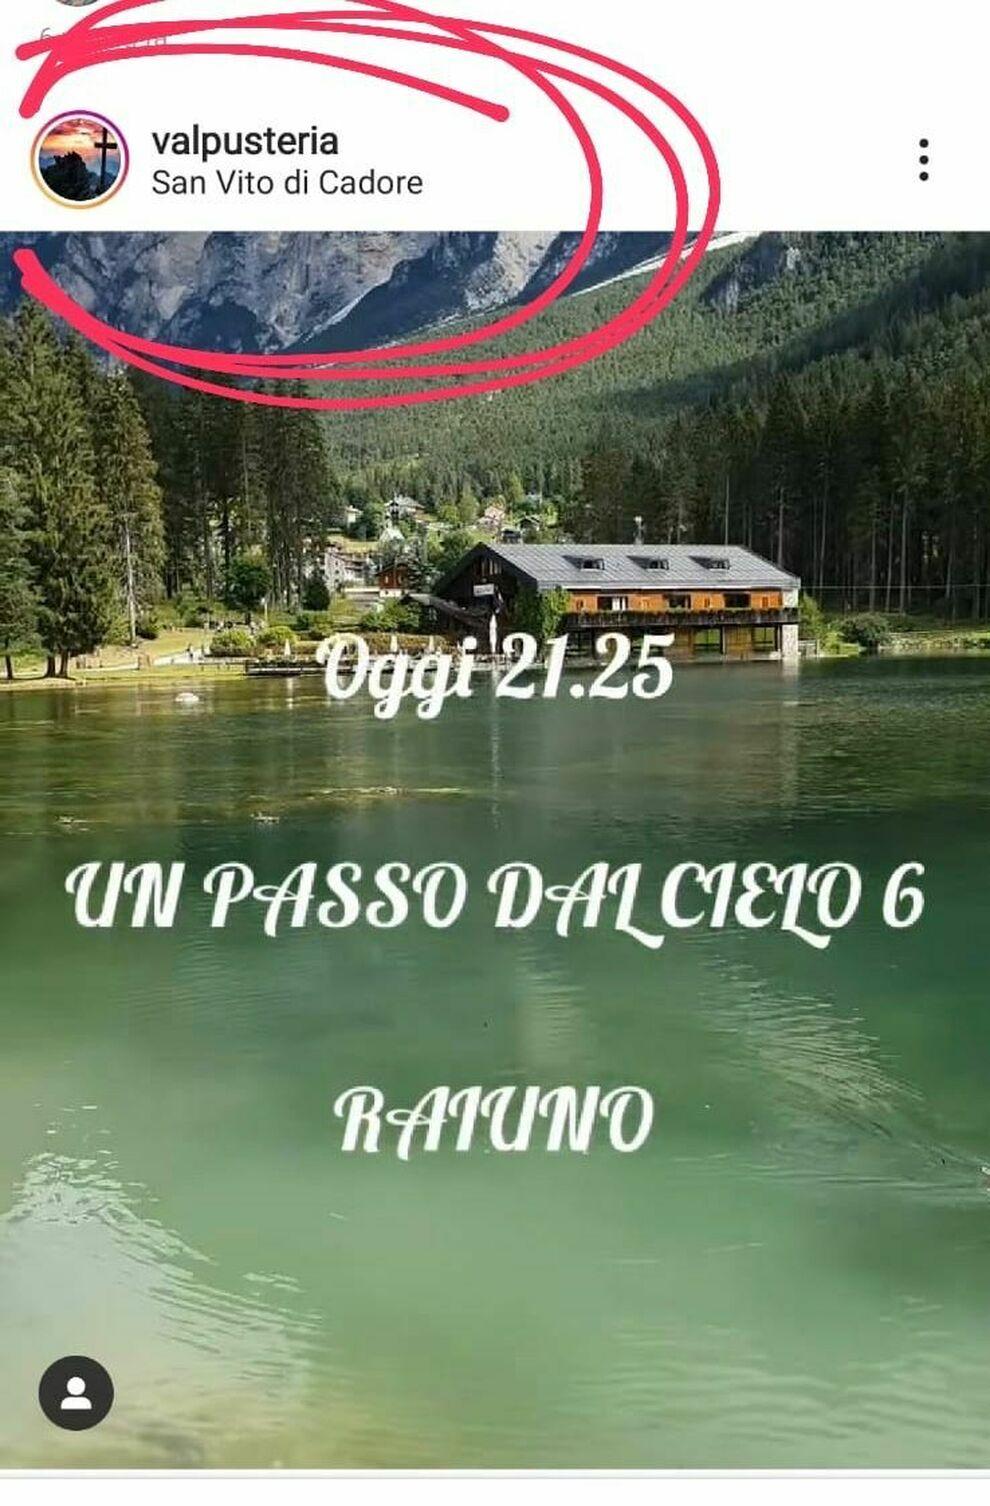 Fiction girata in Cadore non più a San Candido, ma pubblicizzata ancora  dalla Val Pusteria